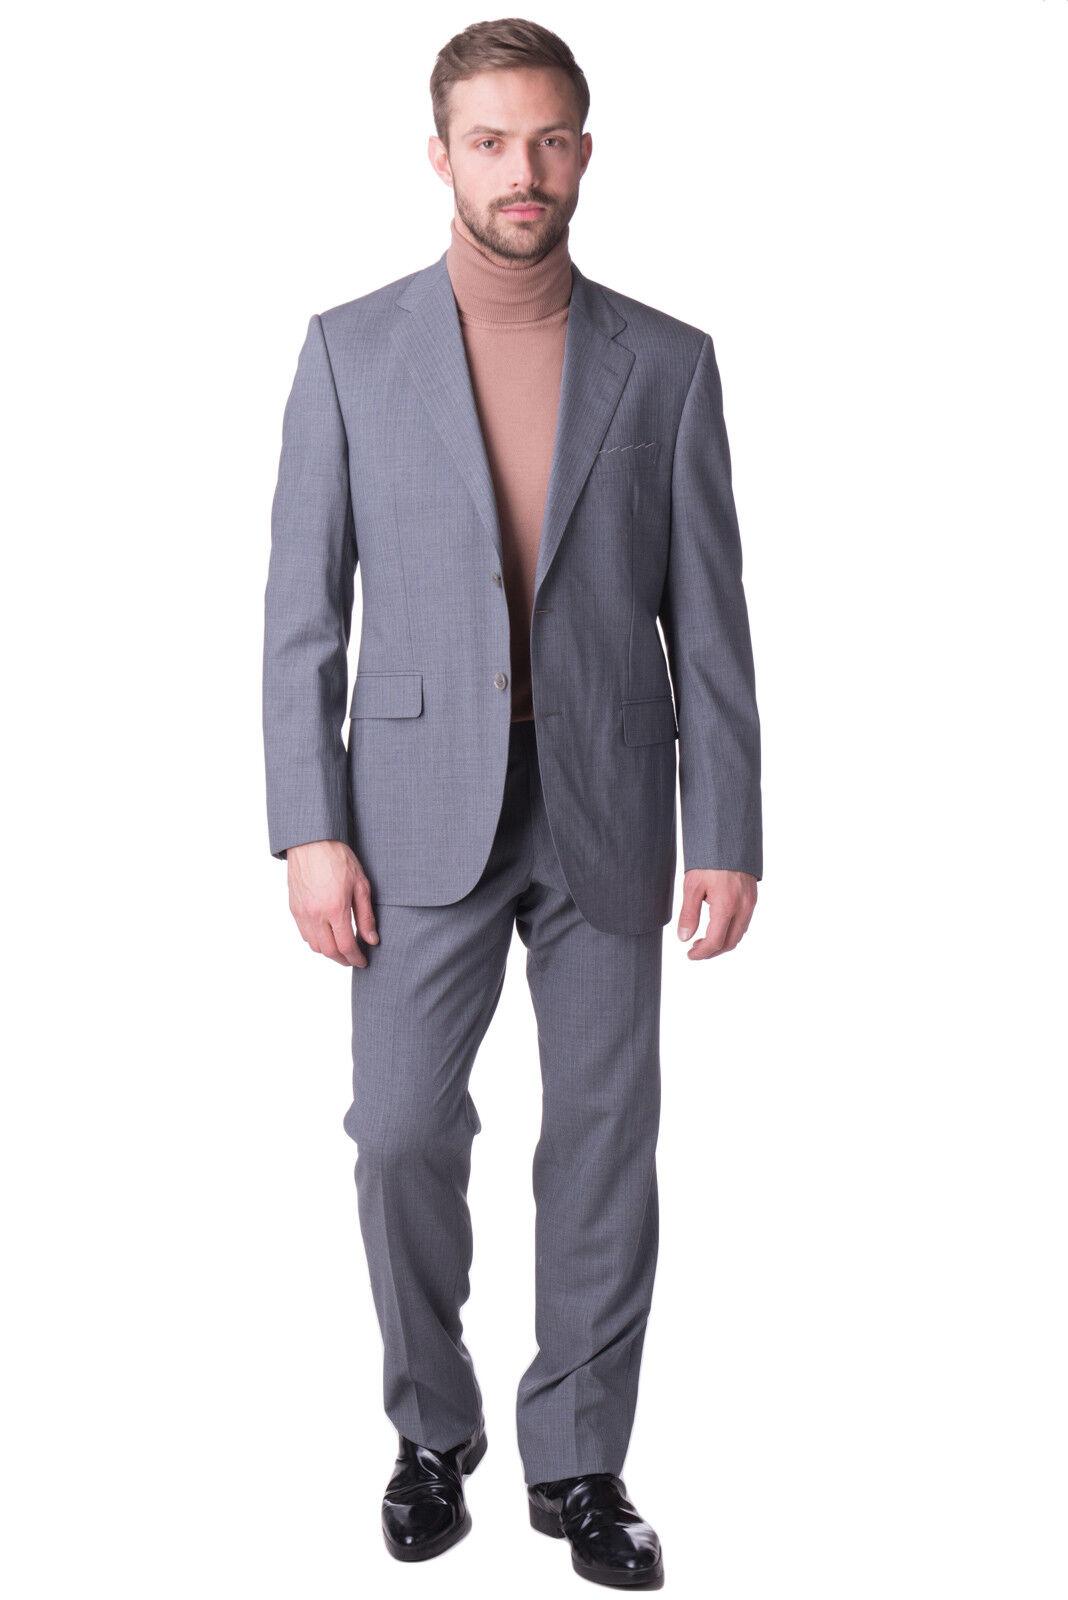 SARTORIA MASSARENTE Wool Suit Größe 52 / XL Single Breasted Made in